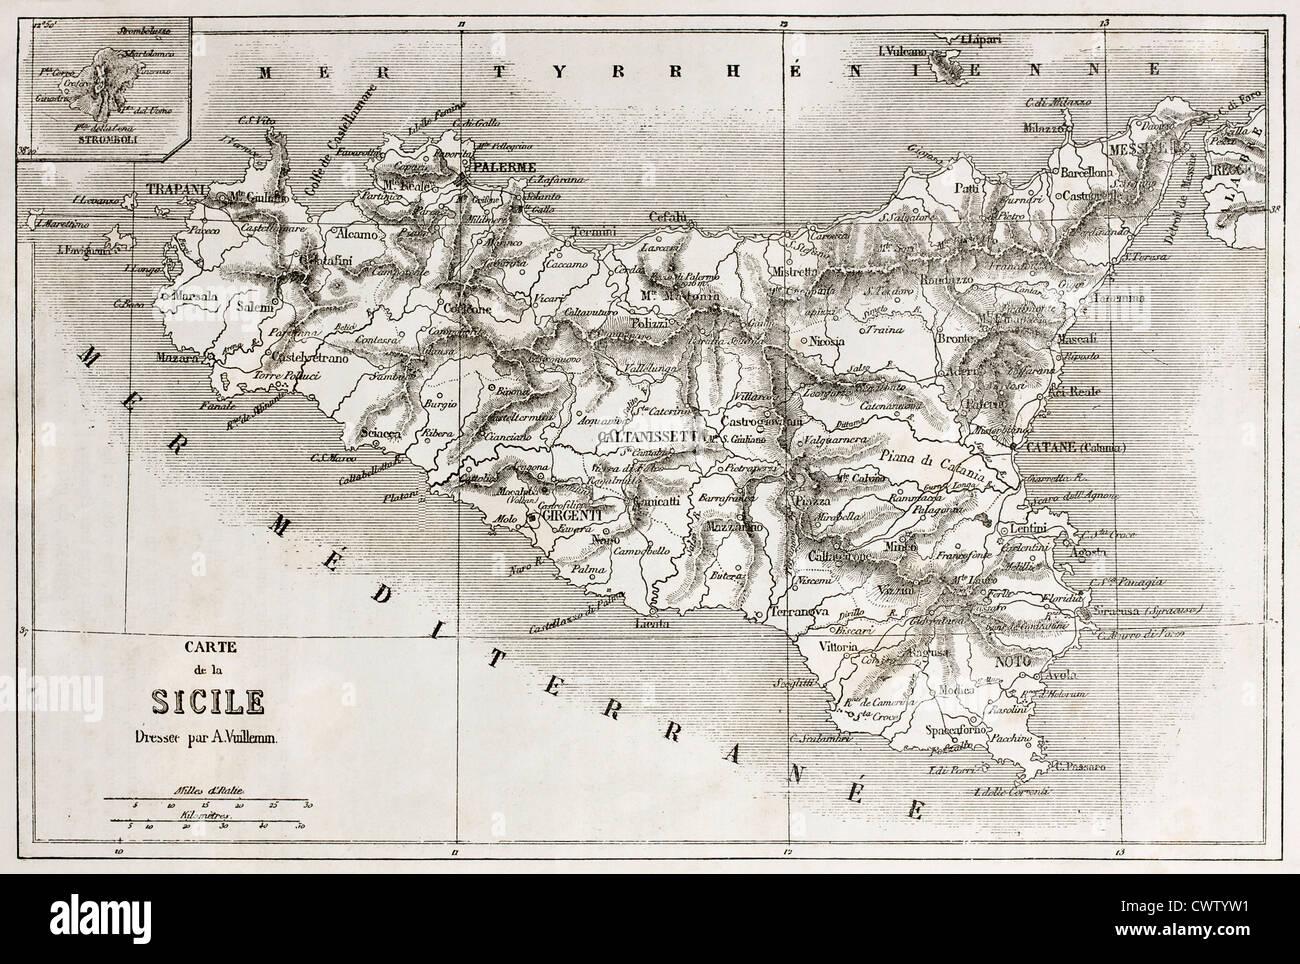 Cartina Sicilia Antica.Mappa Della Sicilia Immagini E Fotos Stock Alamy